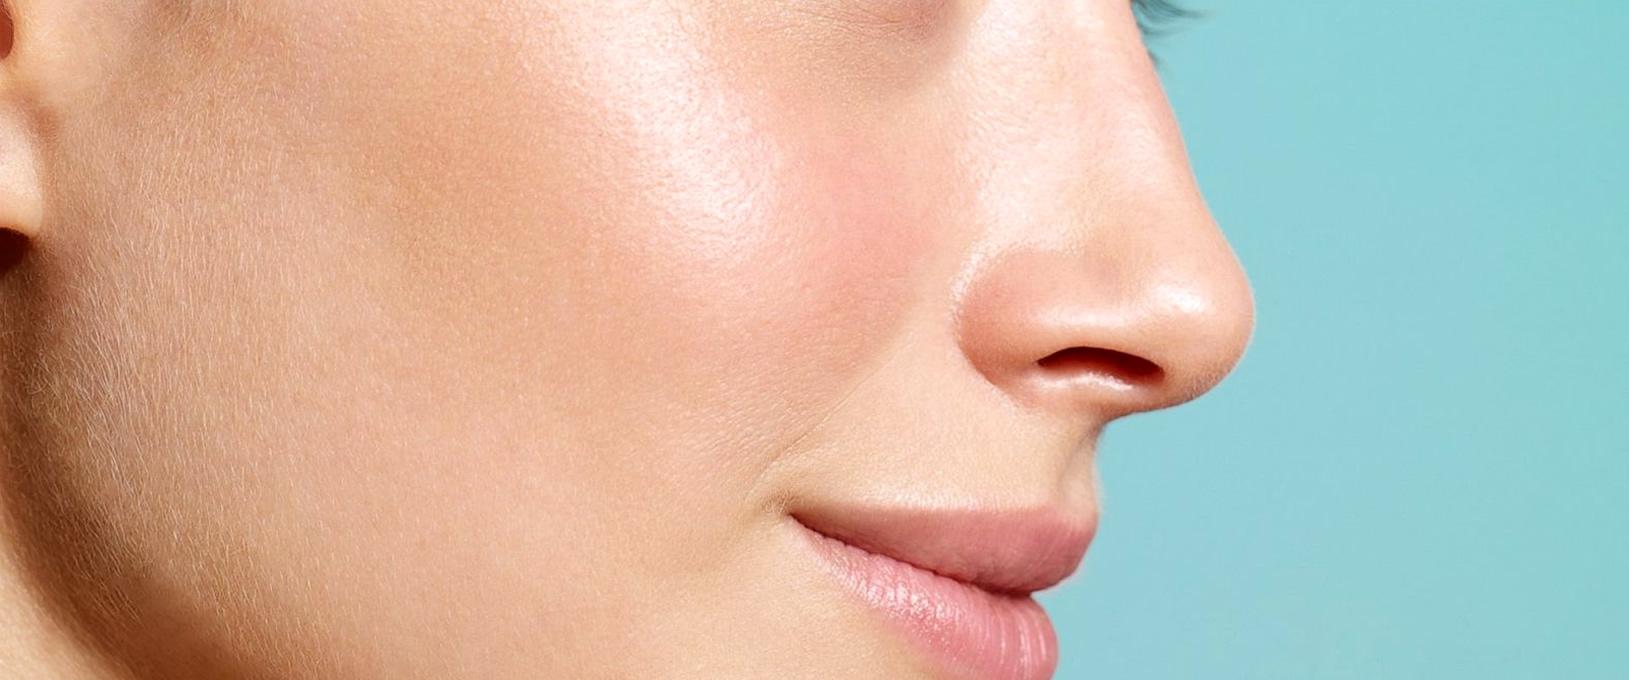 Cuidados com a pele: Protetor em ambientes fechados, devo usar?